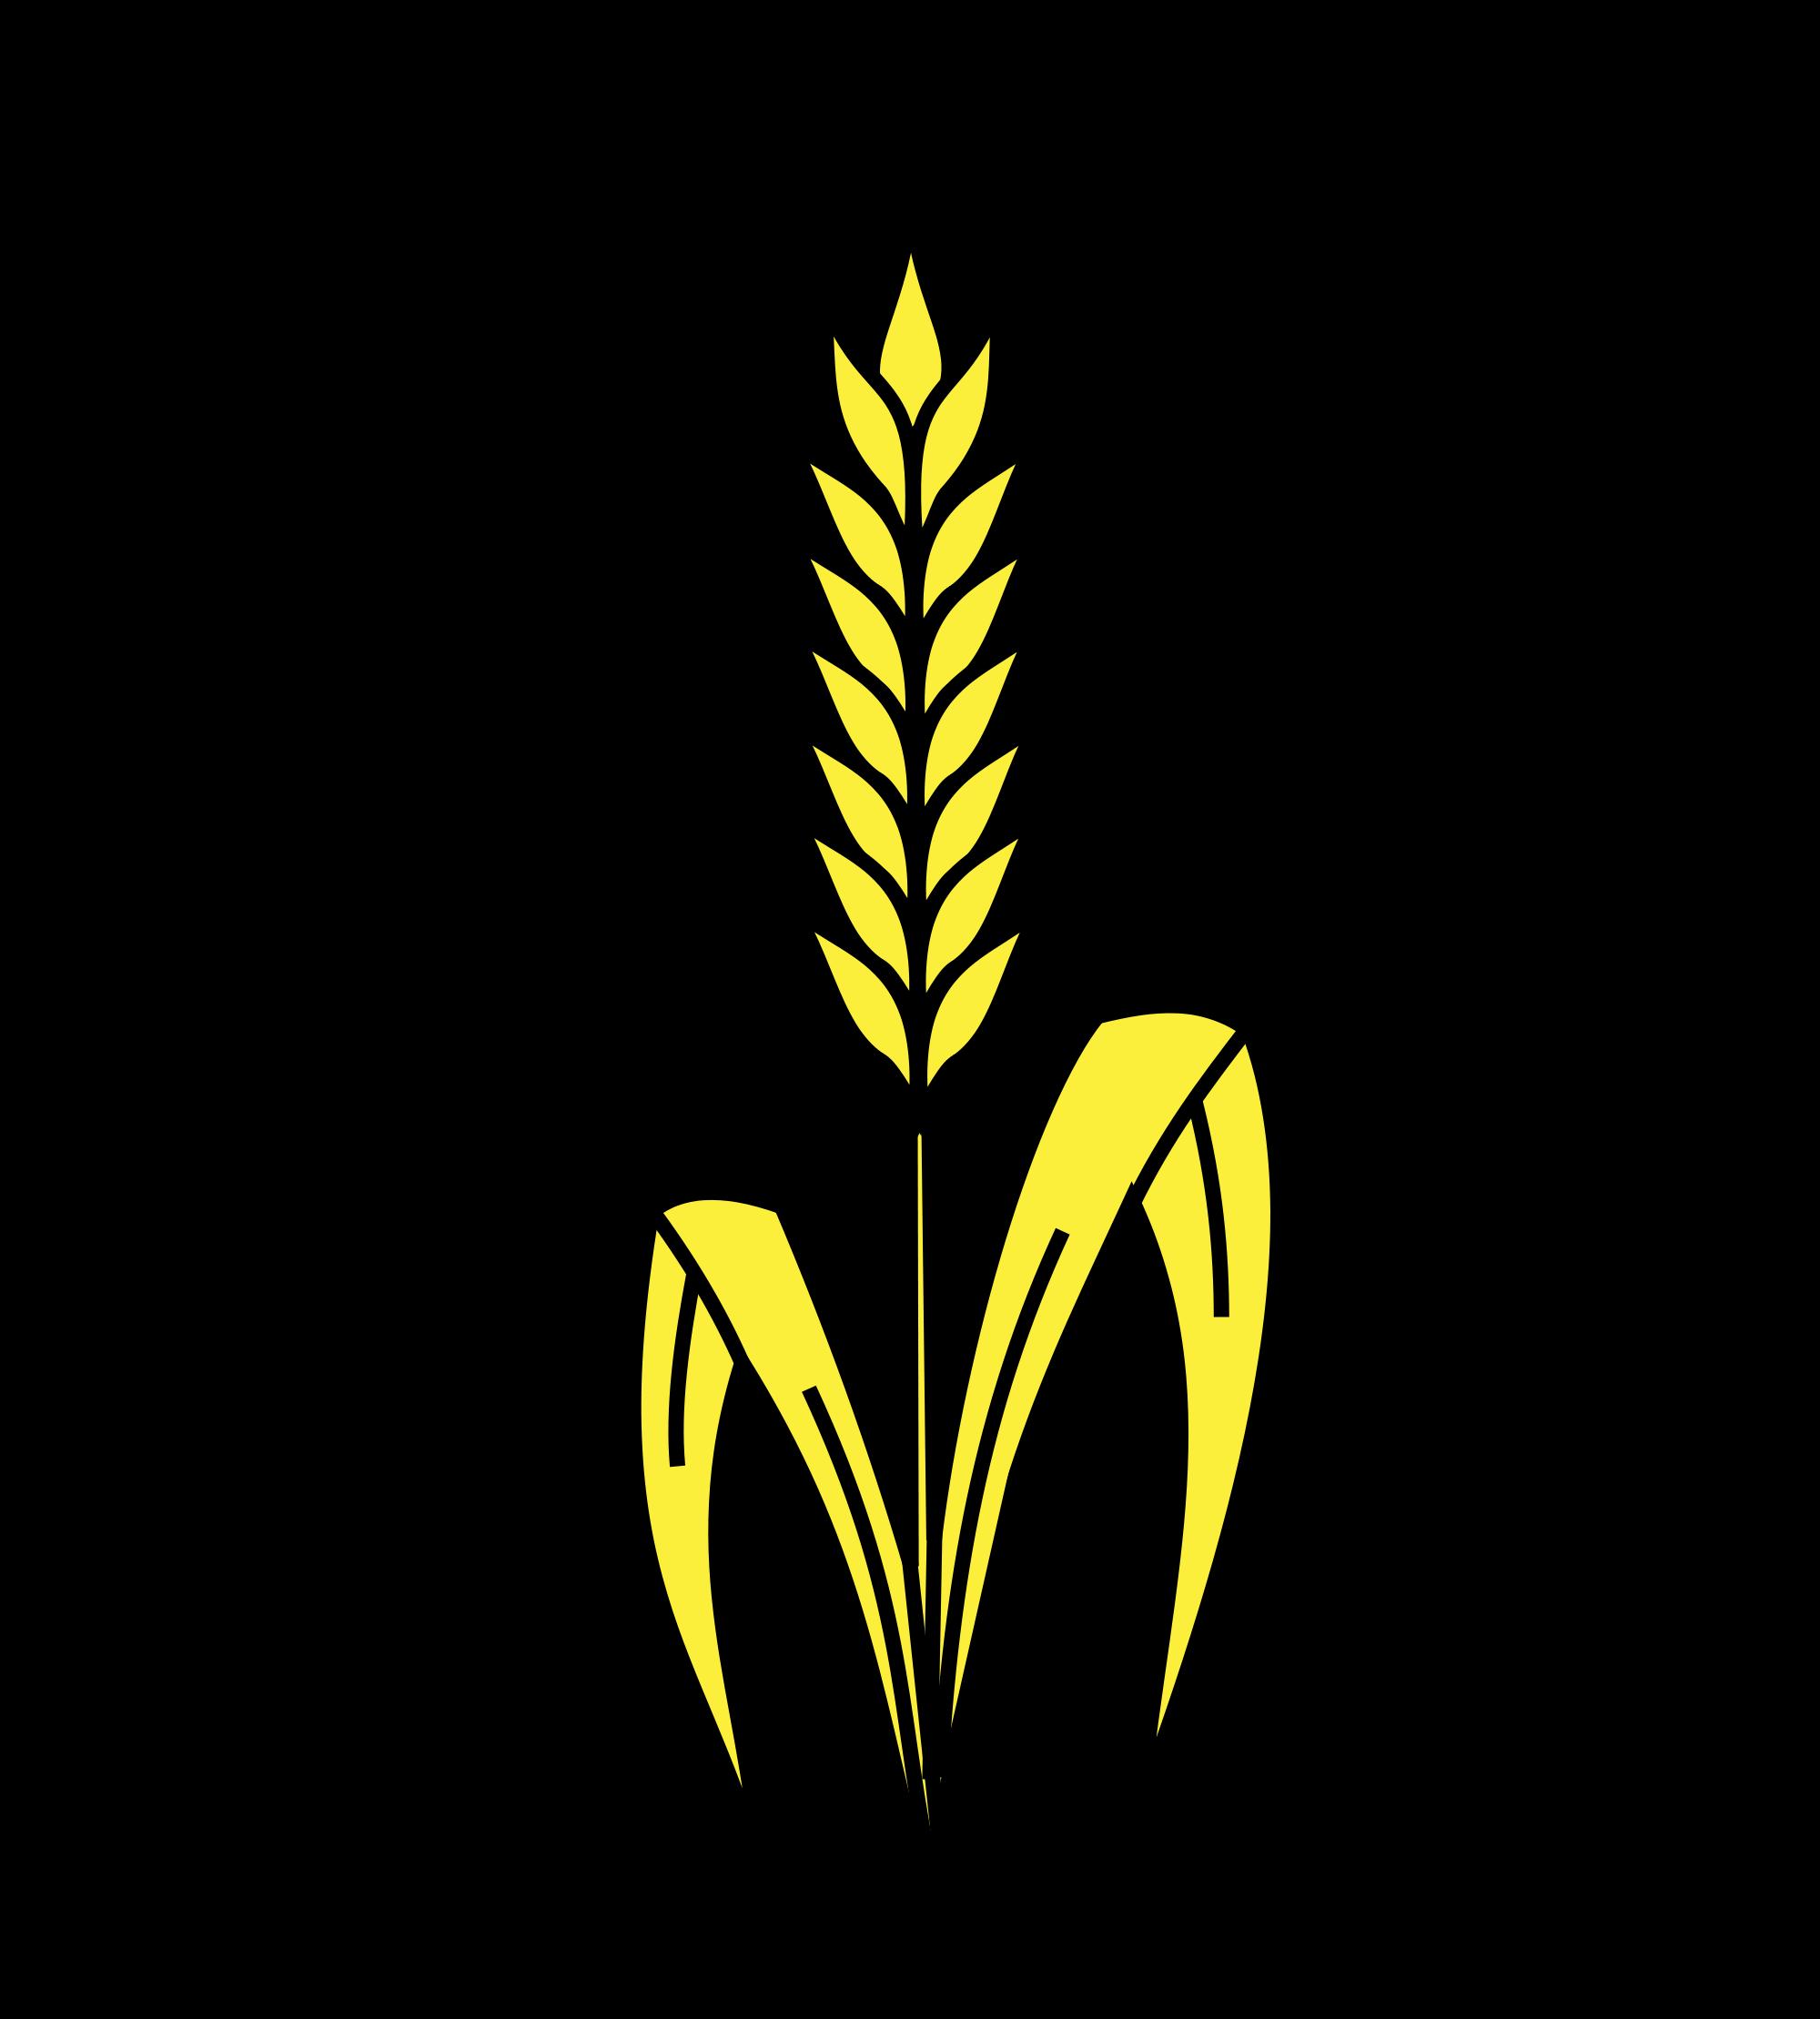 распечатать картинки пшеницы посадки ухода